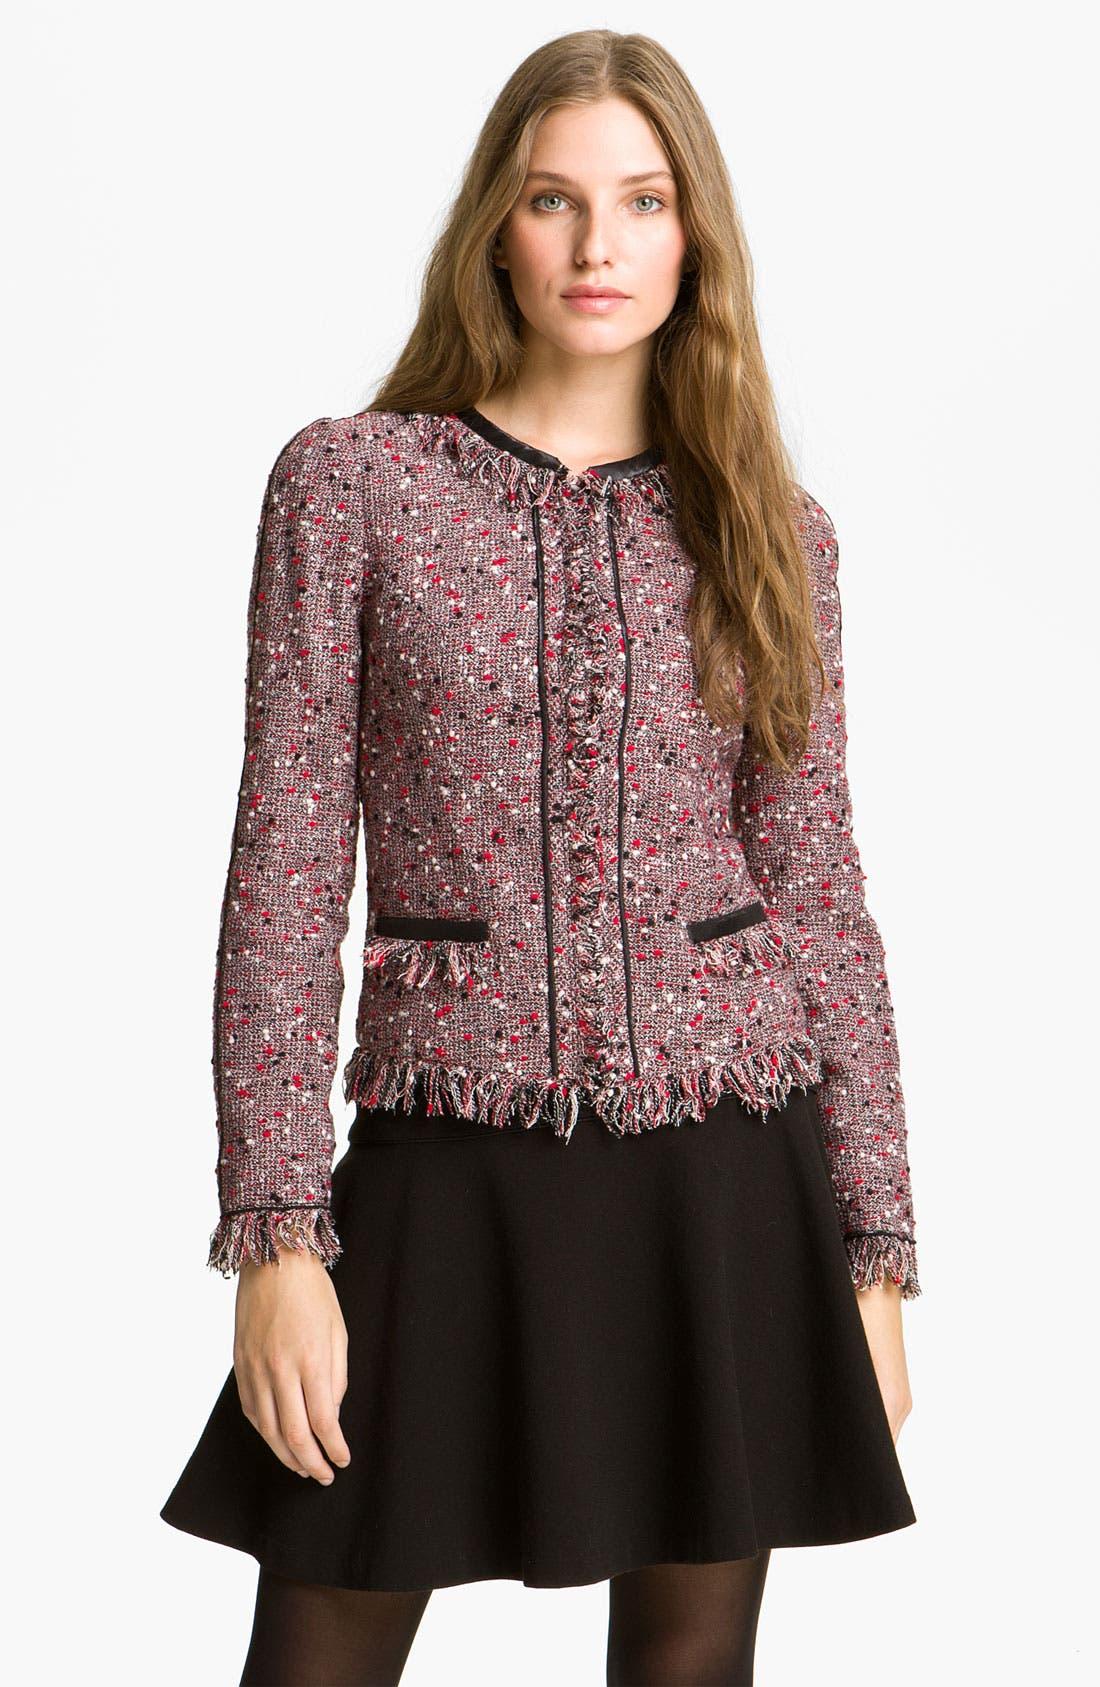 Alternate Image 1 Selected - Mcginn 'Bijou' Tweed Jacket